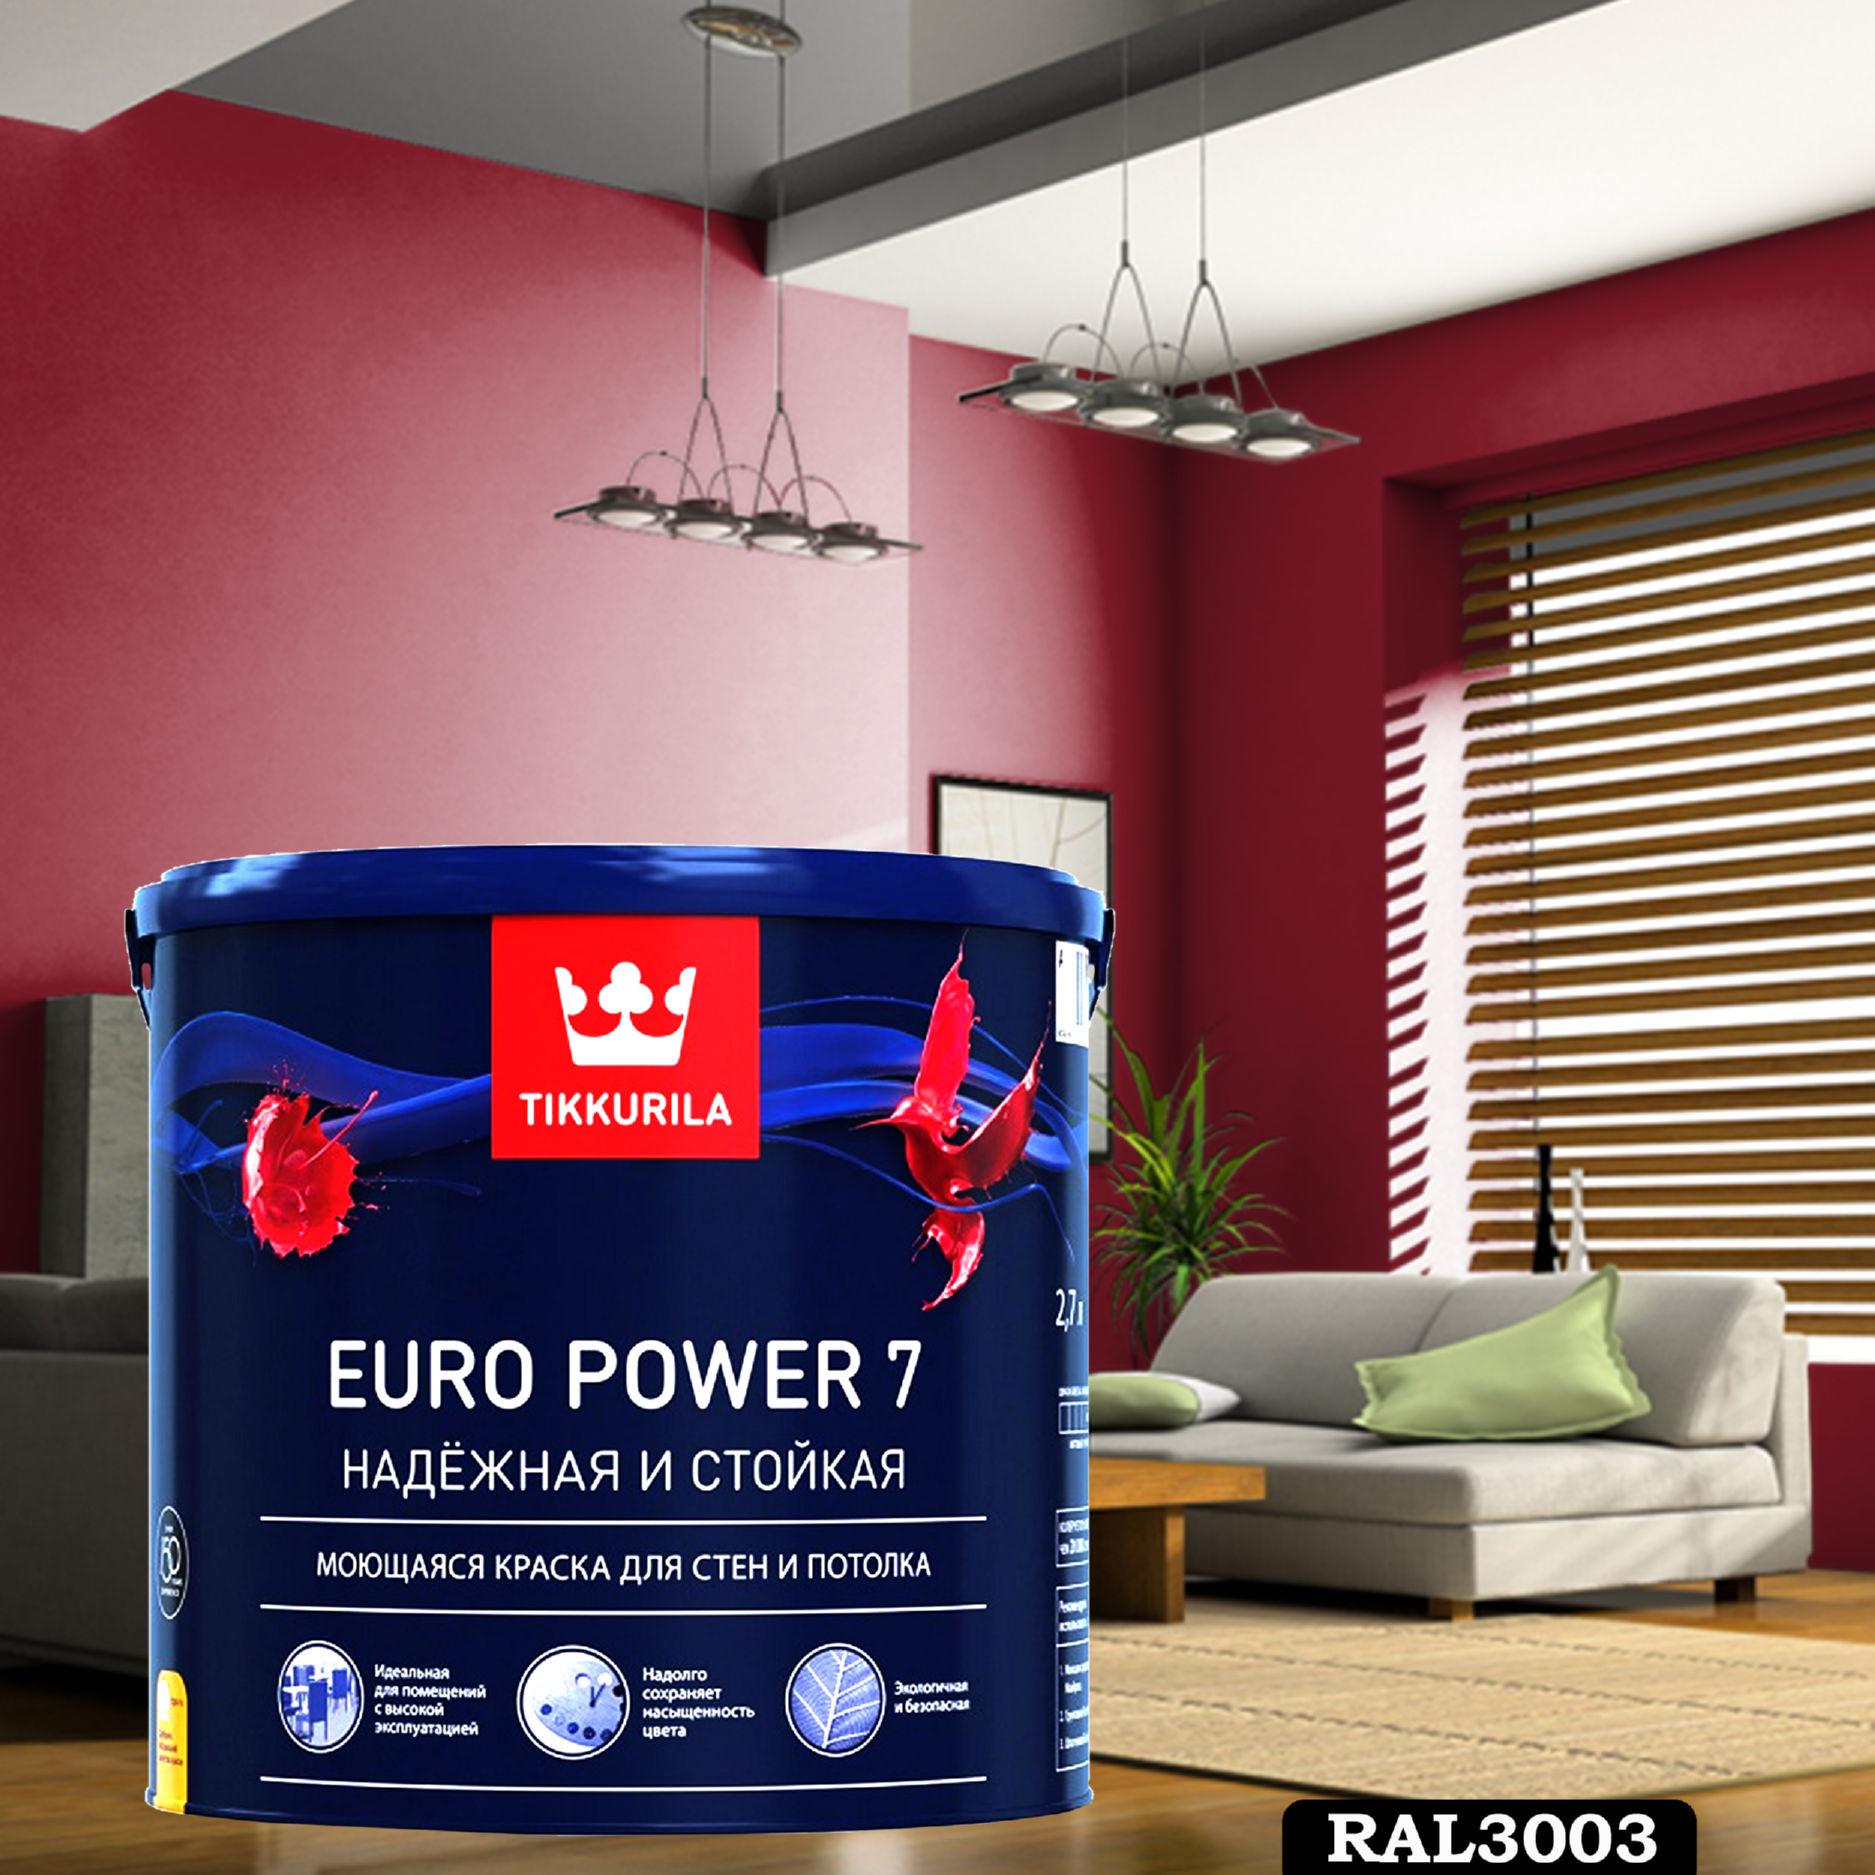 Фото 4 - Краска TIKKURILA Euro Power 7,  RAL 3003 Рубиново-красный, латексная моющаяся матовая интерьерная, 9 л.